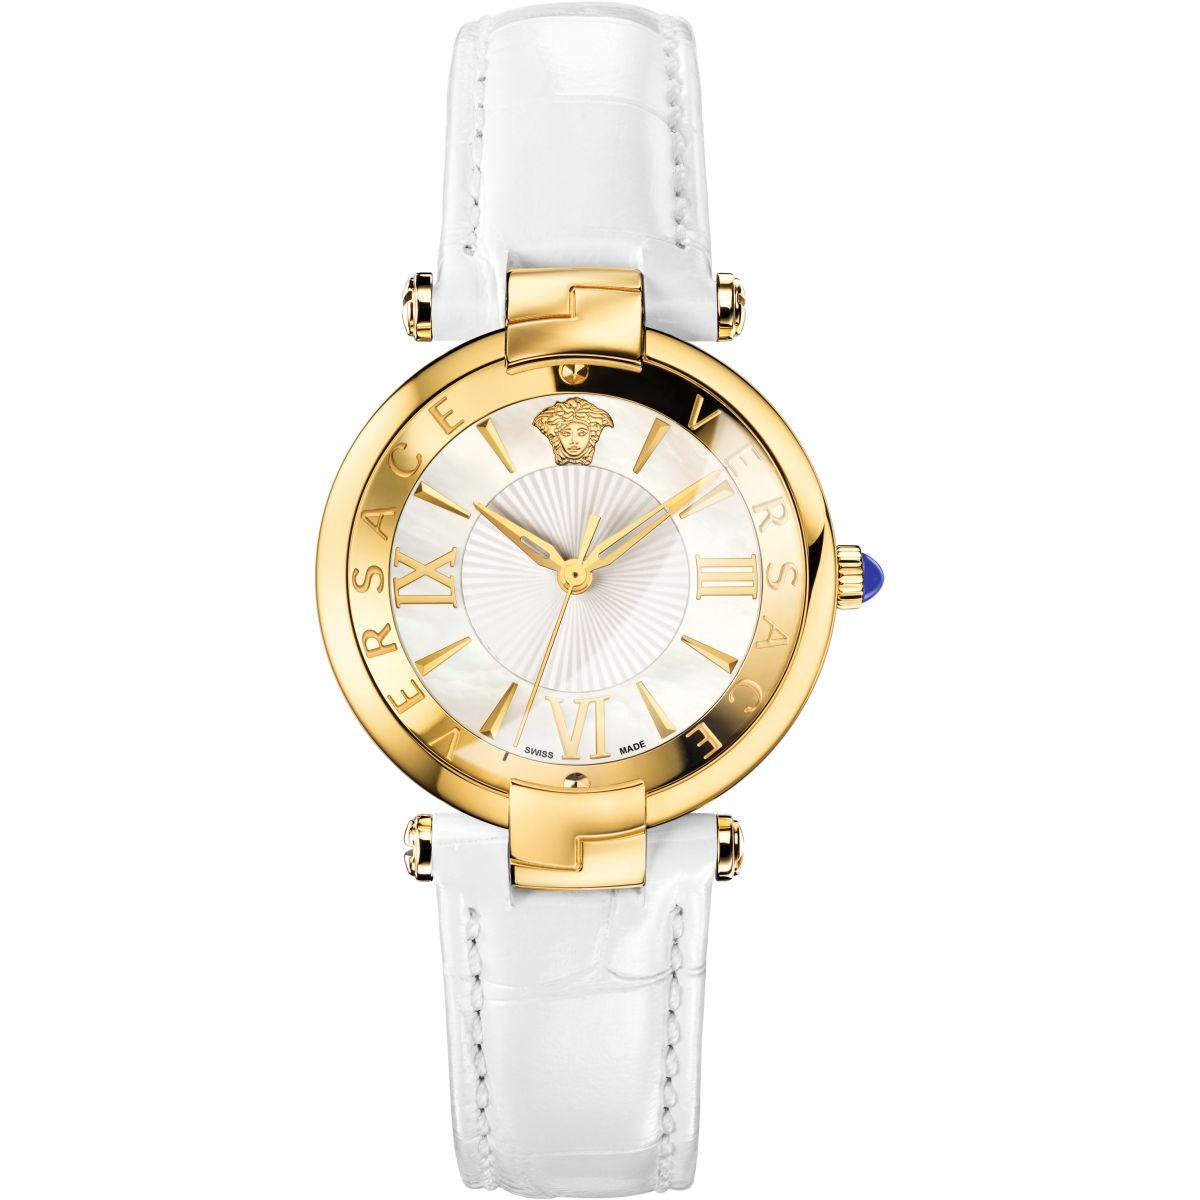 versace revive 35mm reloj para mujer blanco vai030016 es watch shop. Black Bedroom Furniture Sets. Home Design Ideas